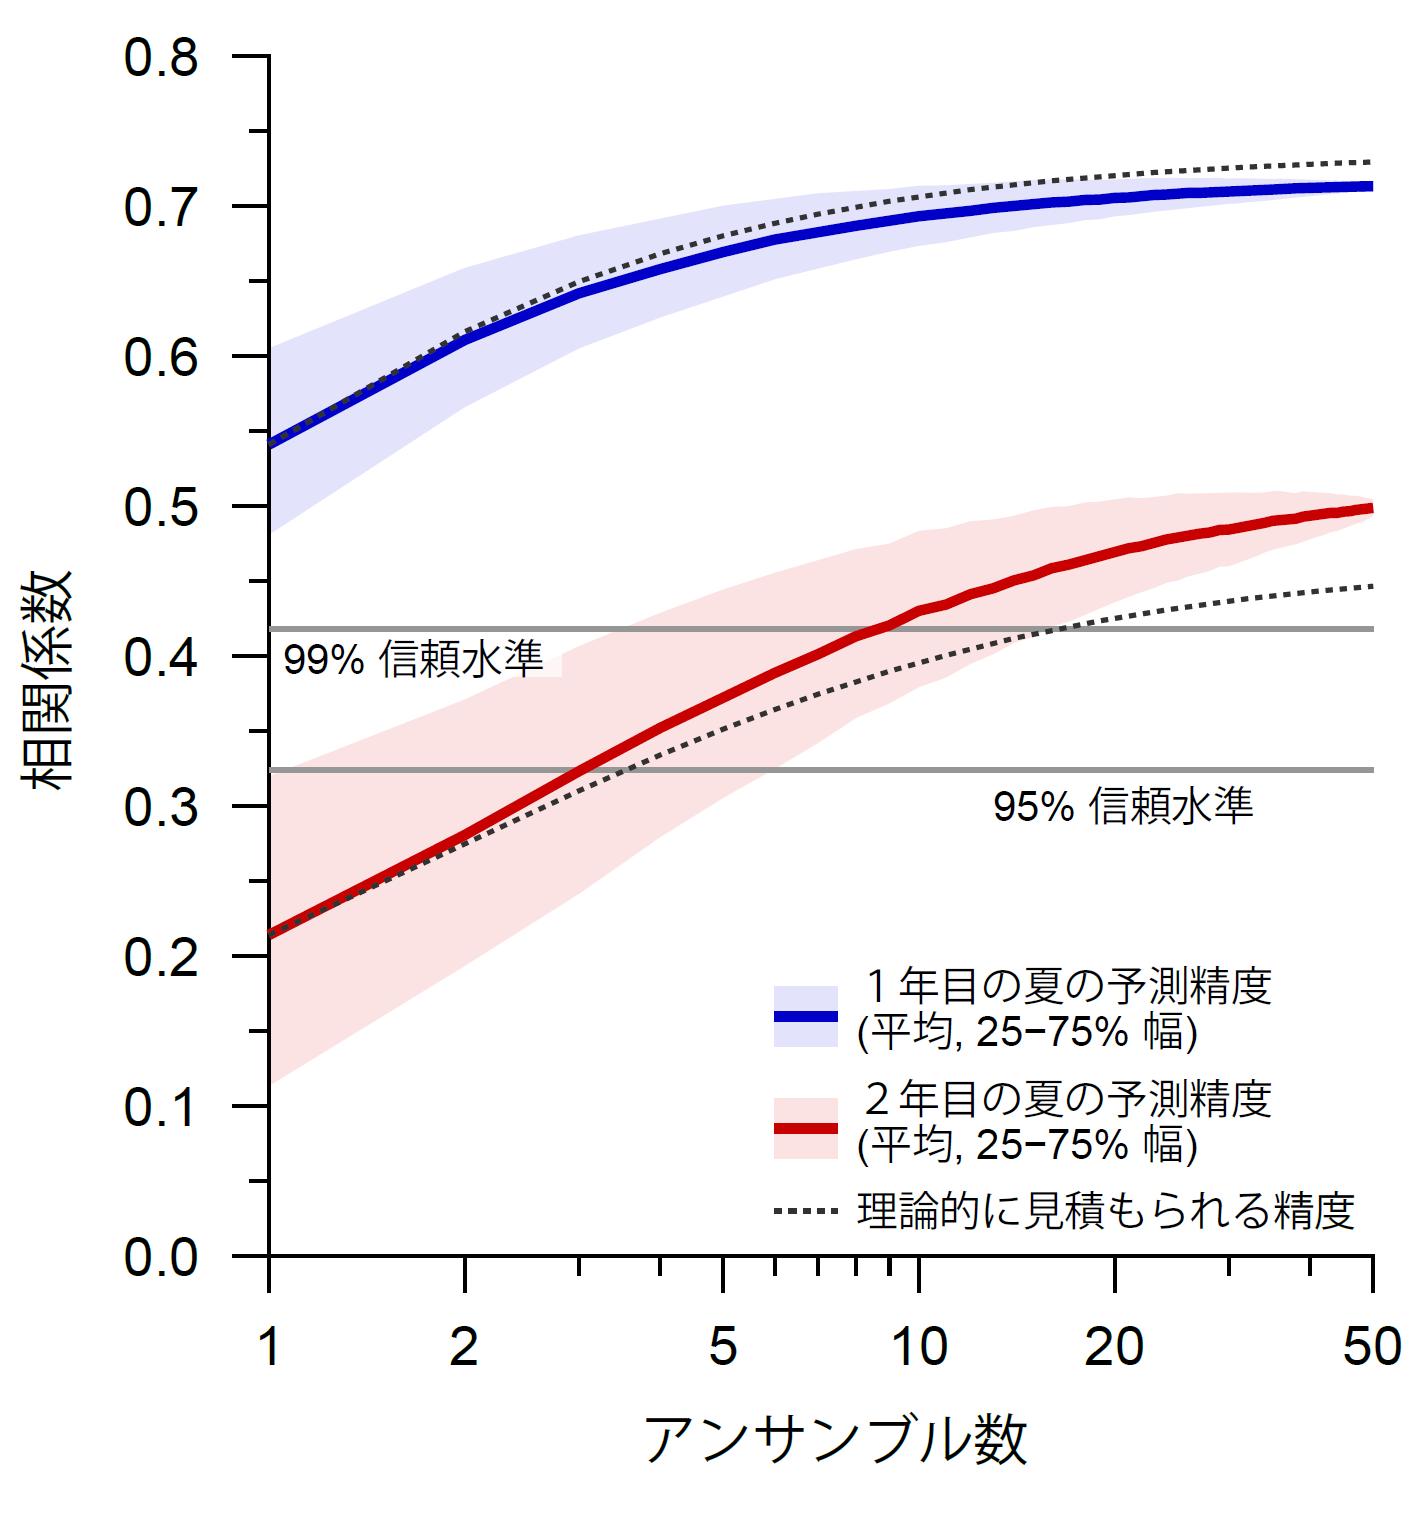 図5 アンサンブル予測の規模と予測精度(アンサンブル平均の予測値と観測値の相関係数)の関係